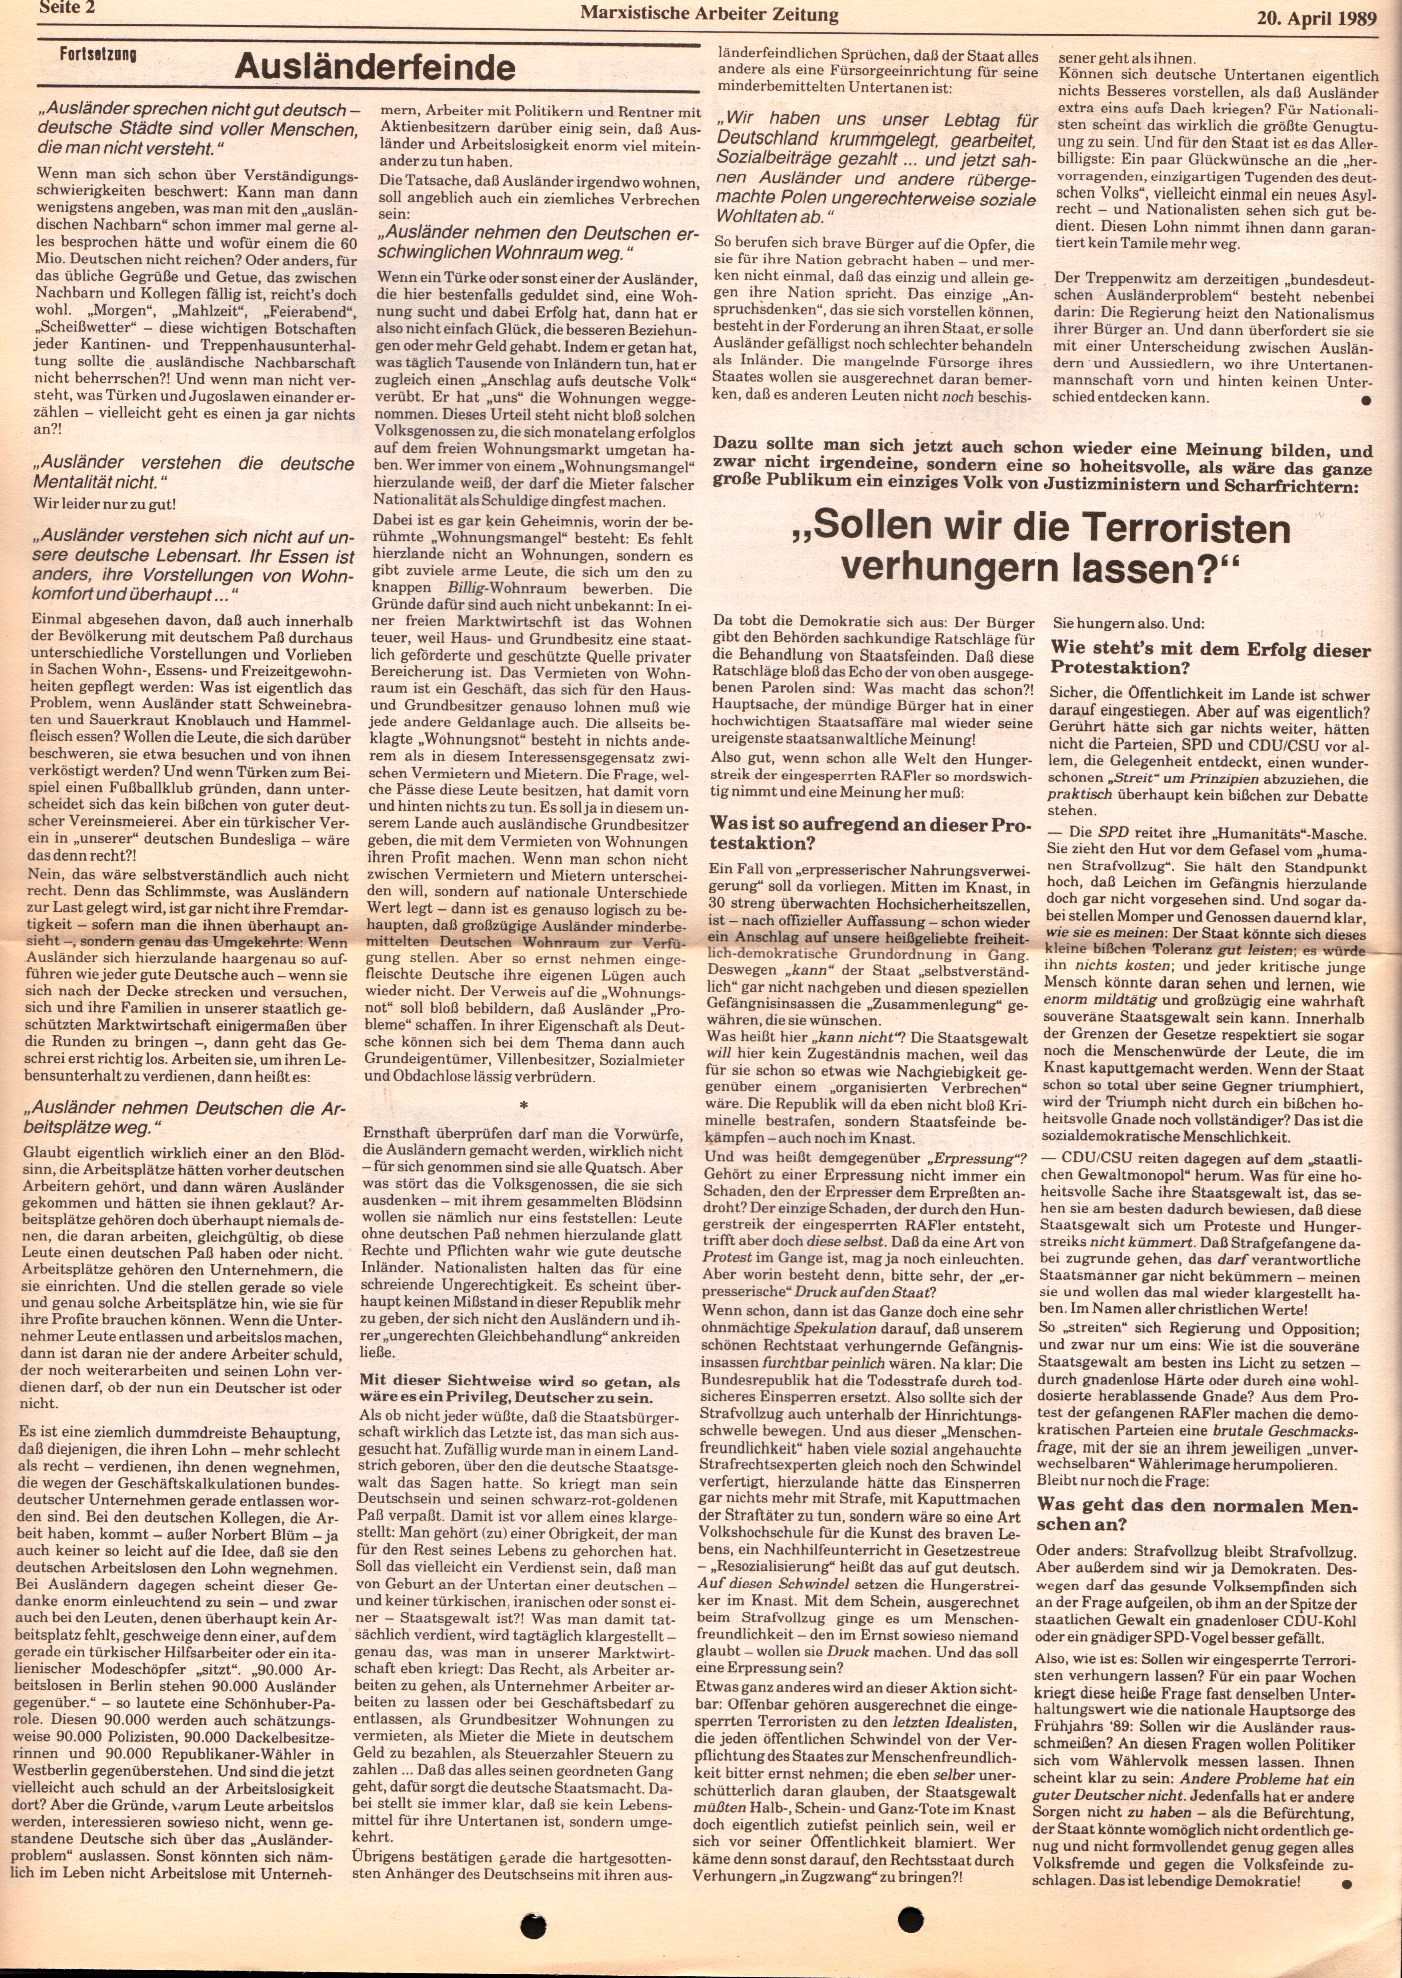 BW_MG_Marxistische_Arbeiterzeitung_19890420_02